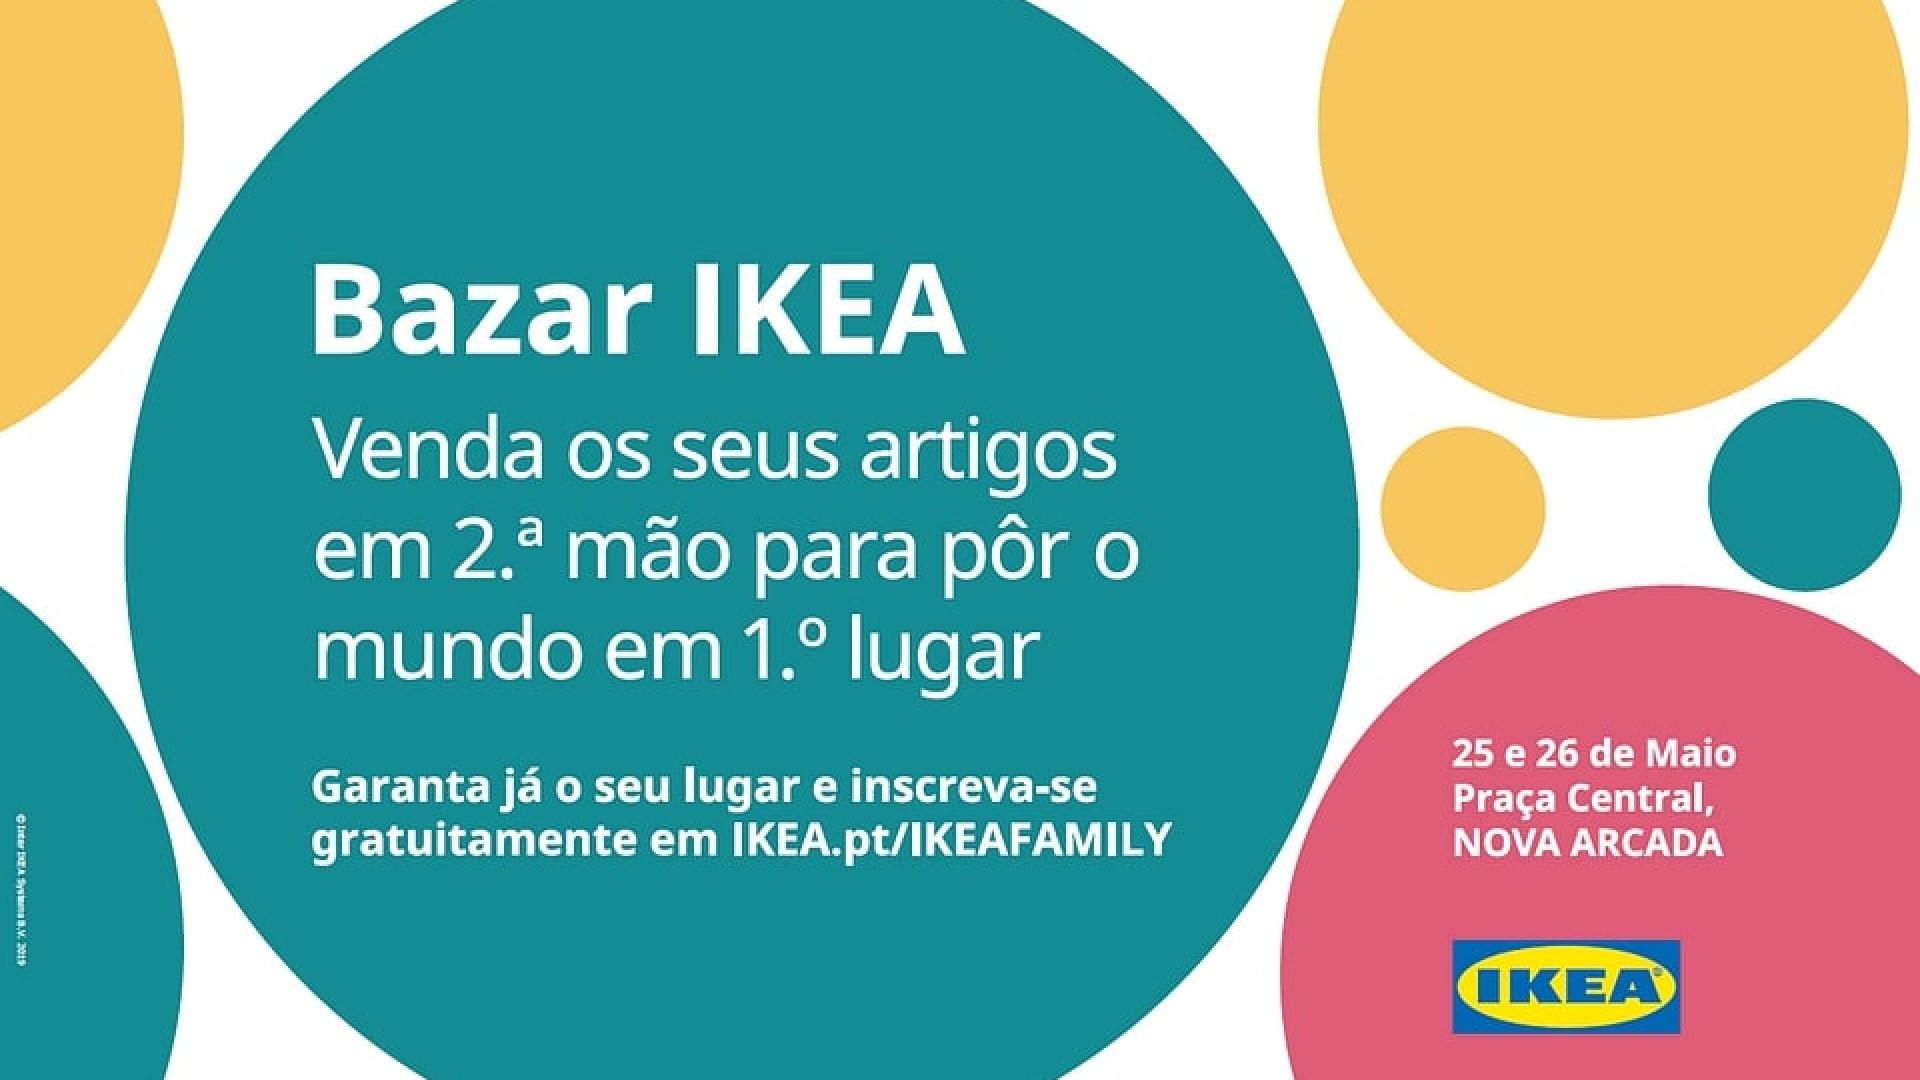 Nova Arcada acolhe Bazar IKEA para venda de artigos de em segunda mão